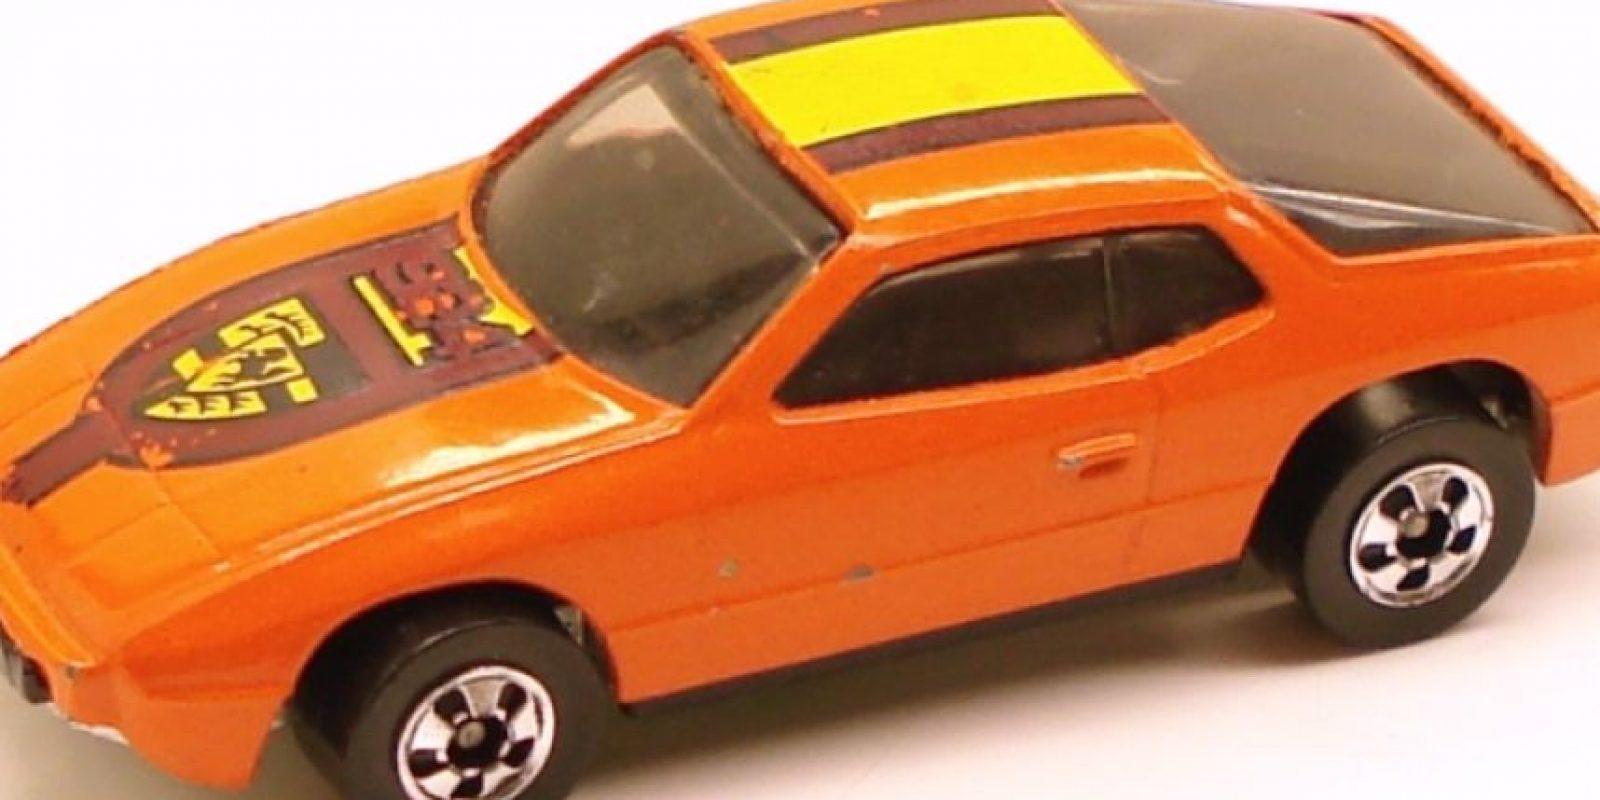 """""""Upfront 924"""" Foto:Hotwheels.wikia.com. Imagen Por:"""